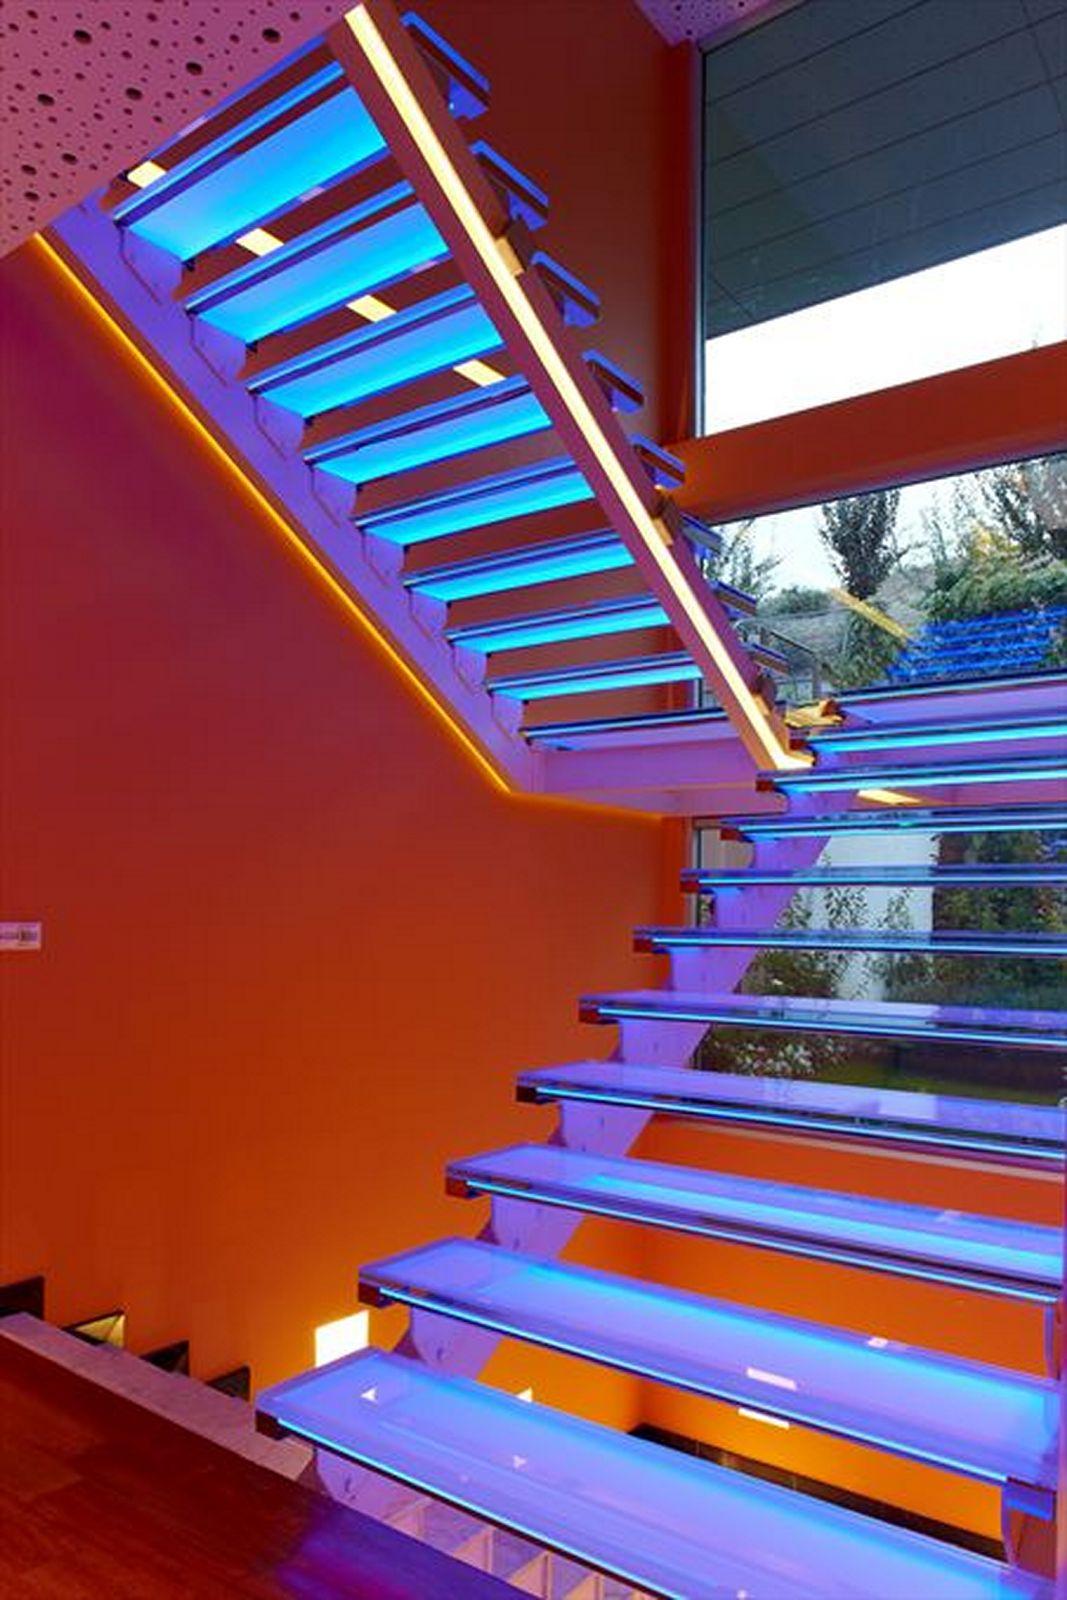 led light design for homes stair lighting led ideas IBBFLDR